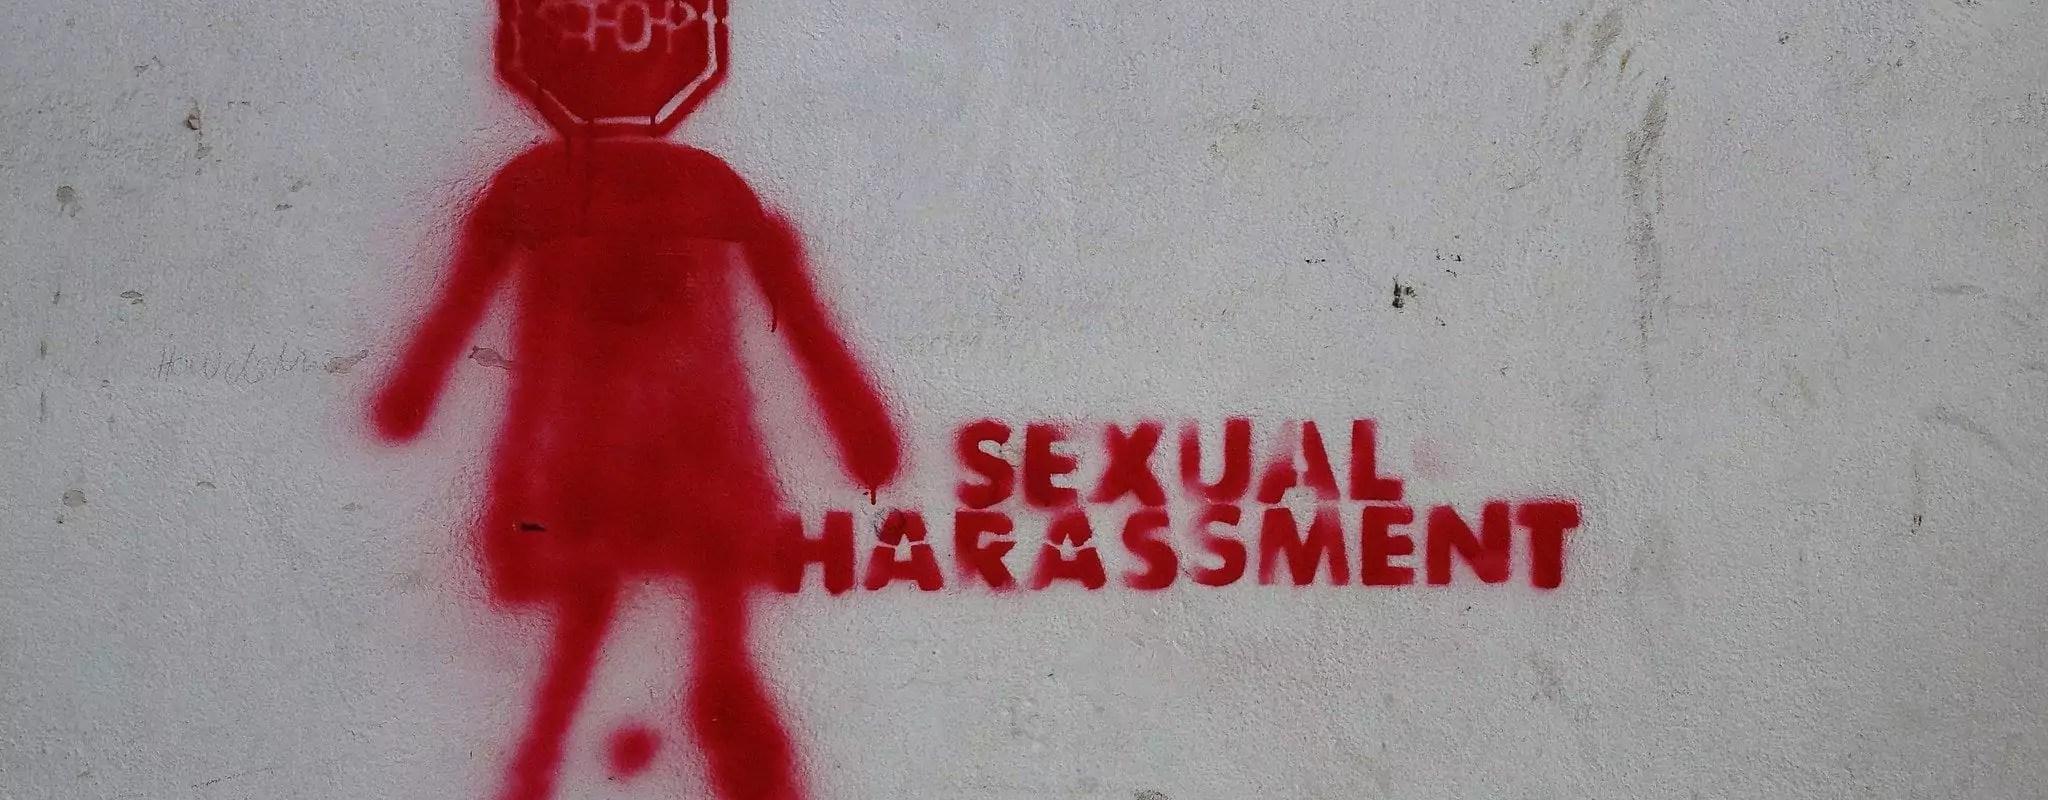 Agressions sexuelles et attouchements, le patron de Deaf Rock mis en cause